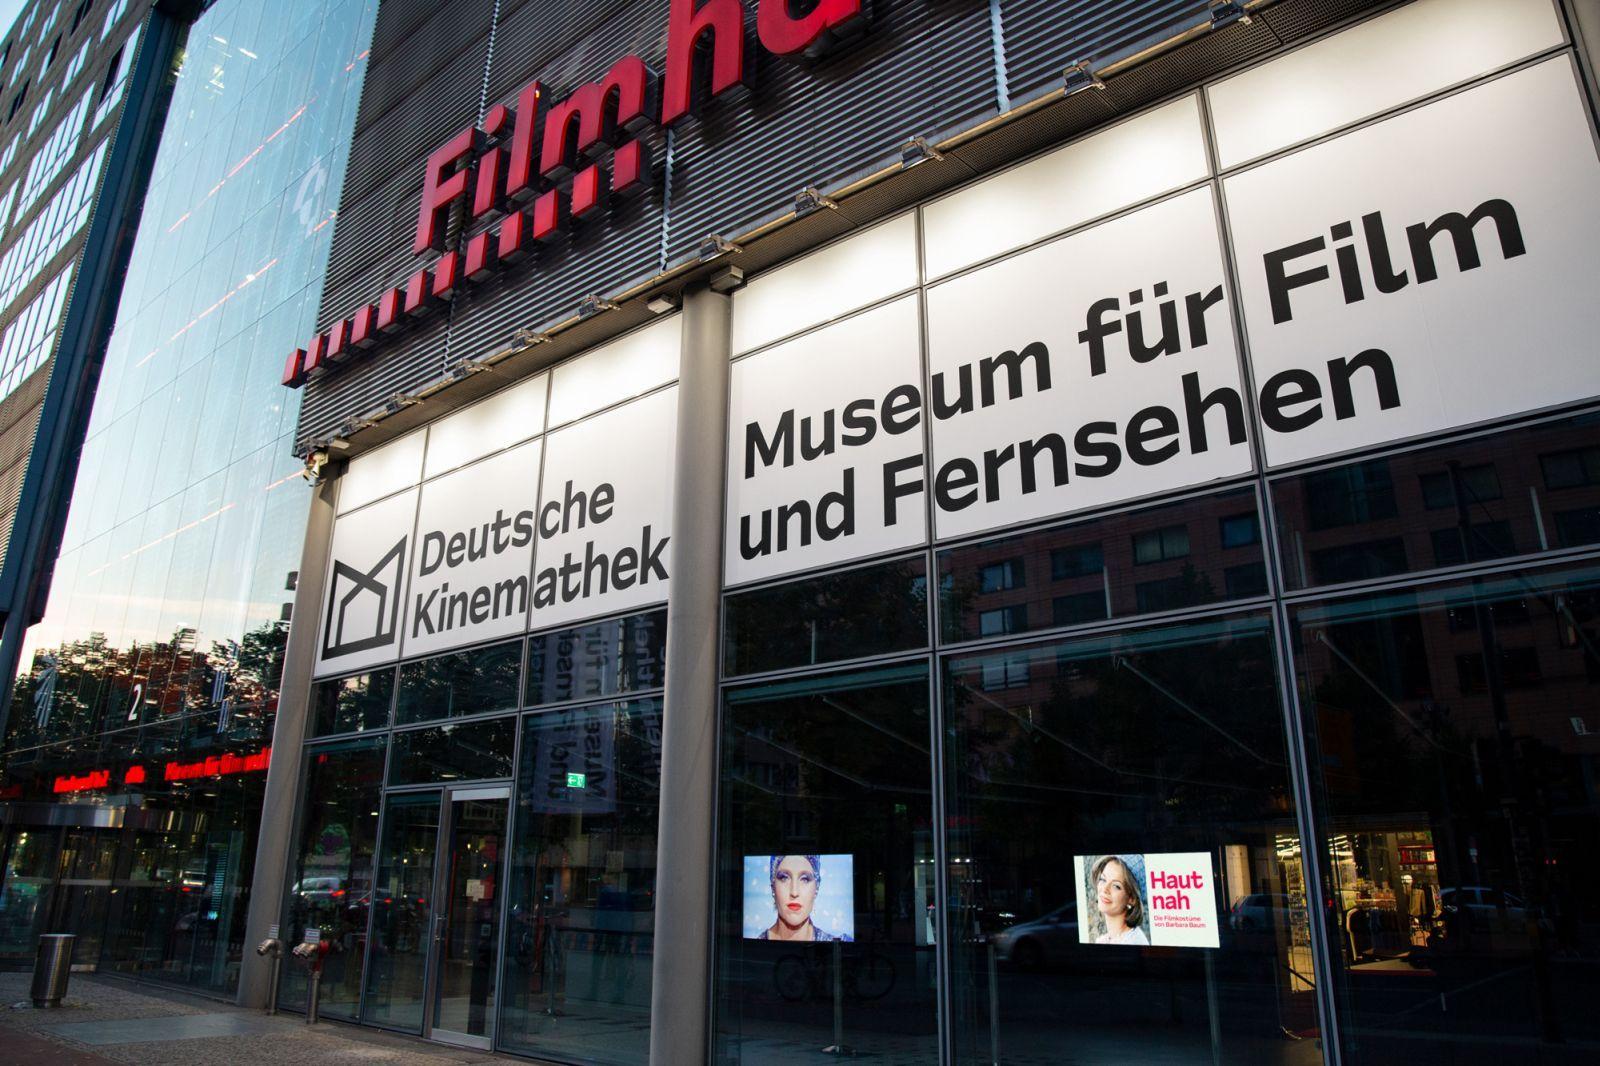 Außenansicht Deutsche Kinemathek – Museum für Film und Fernsehen